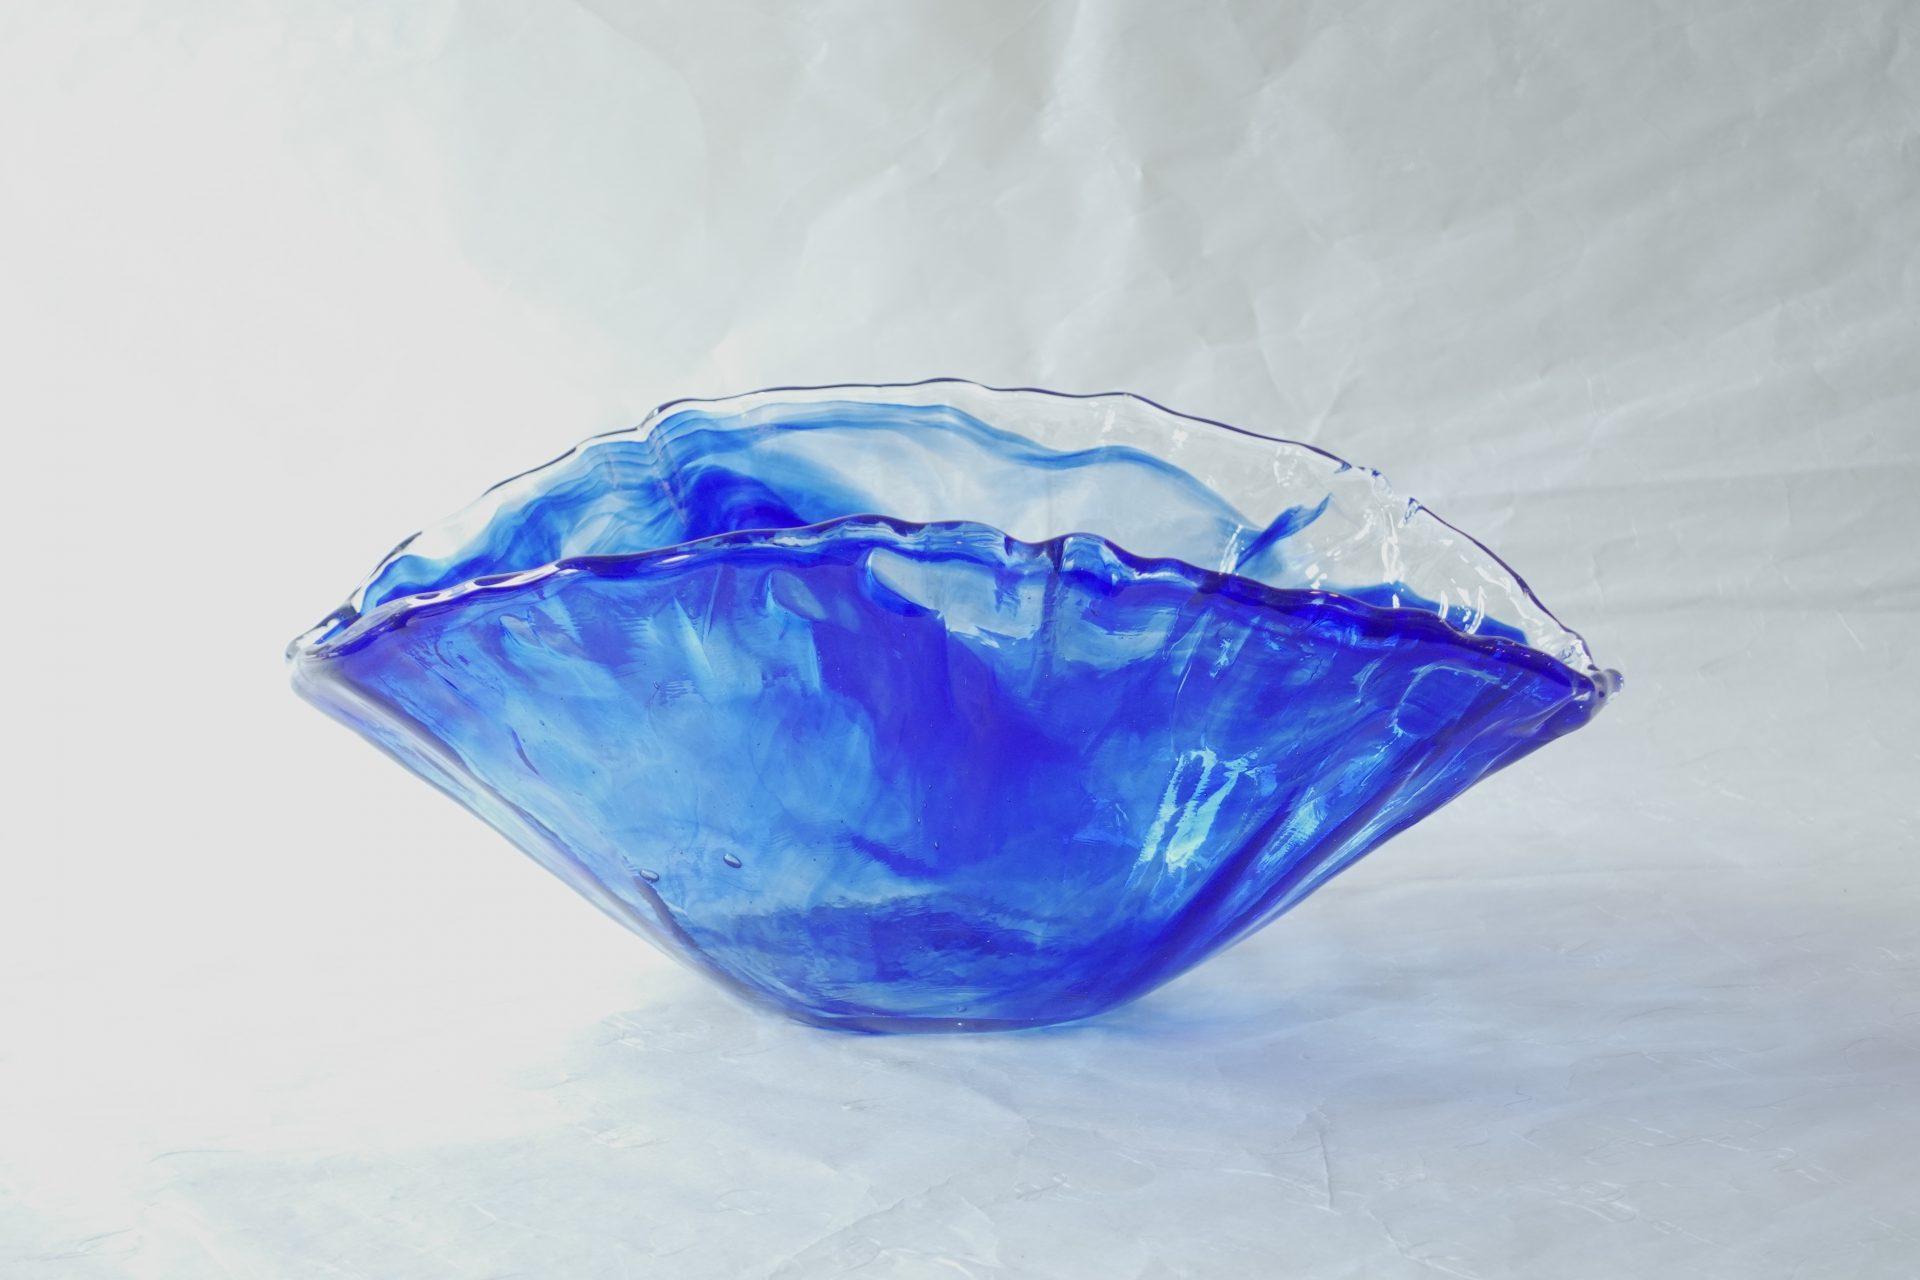 ガラス 日本製 手づくり 水盤 花器 ガラス職人 味わい 涼し気 ハンドメイド